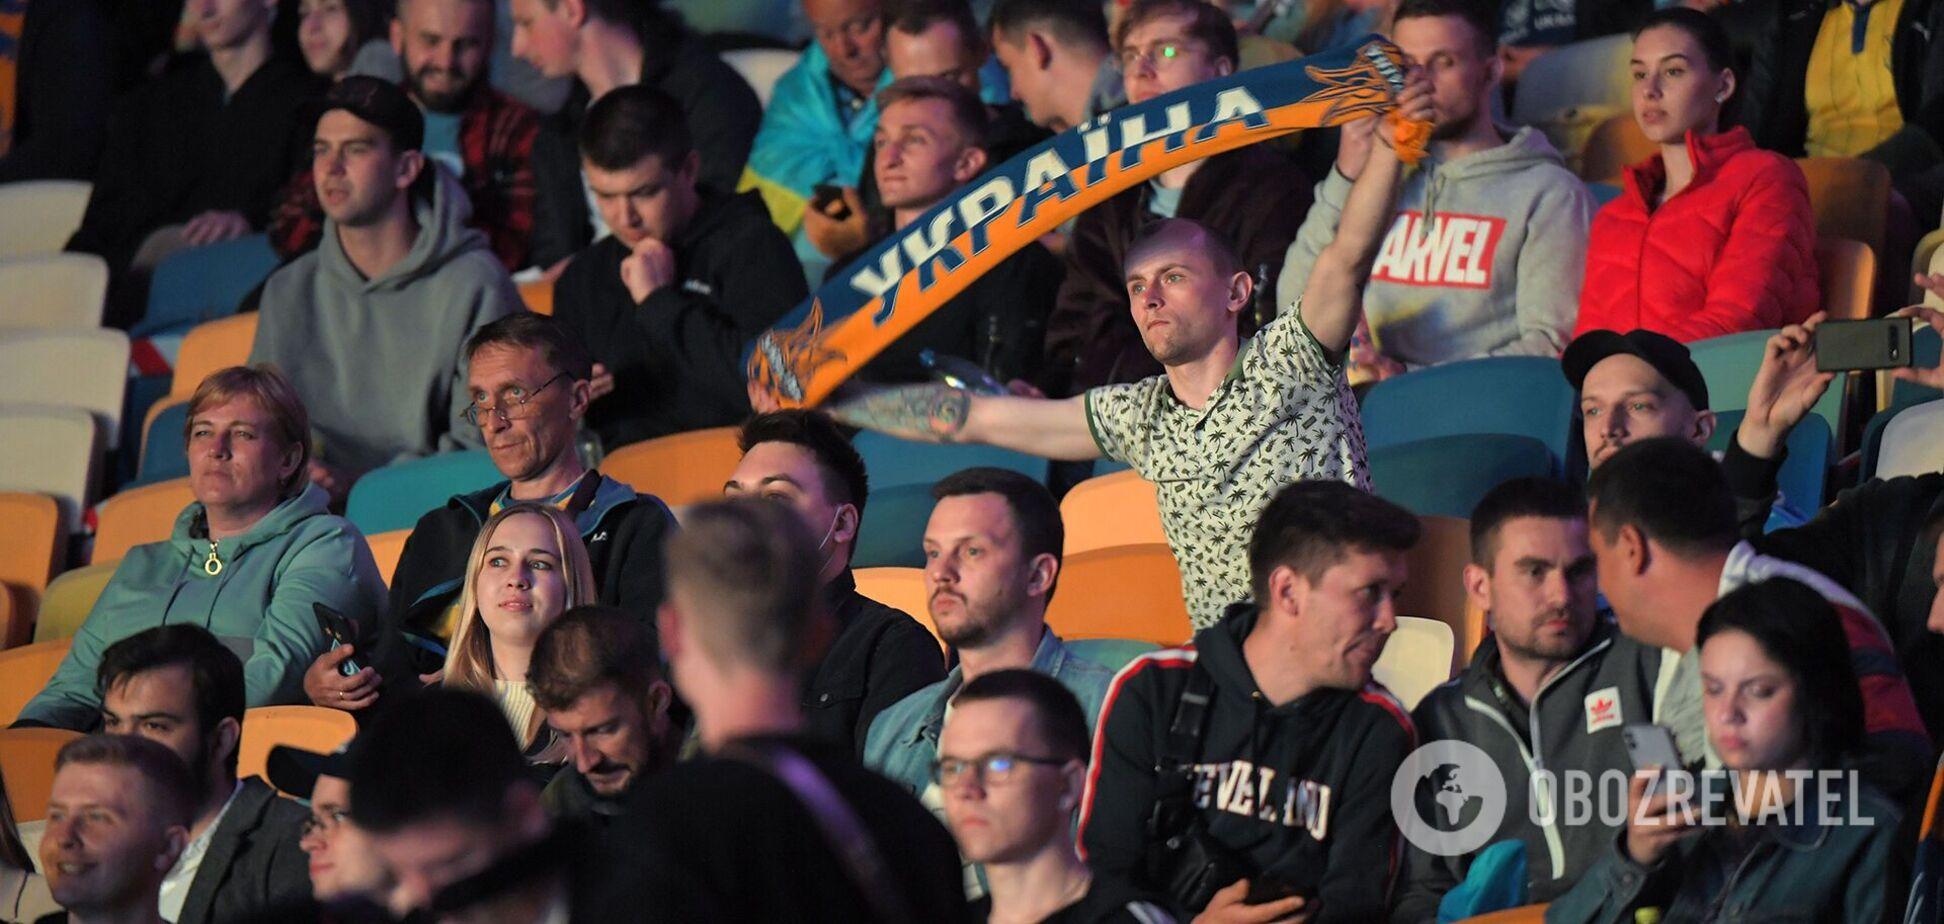 Євро 2020: 10 тисяч українців підтримали національну збірну на Олімпійському